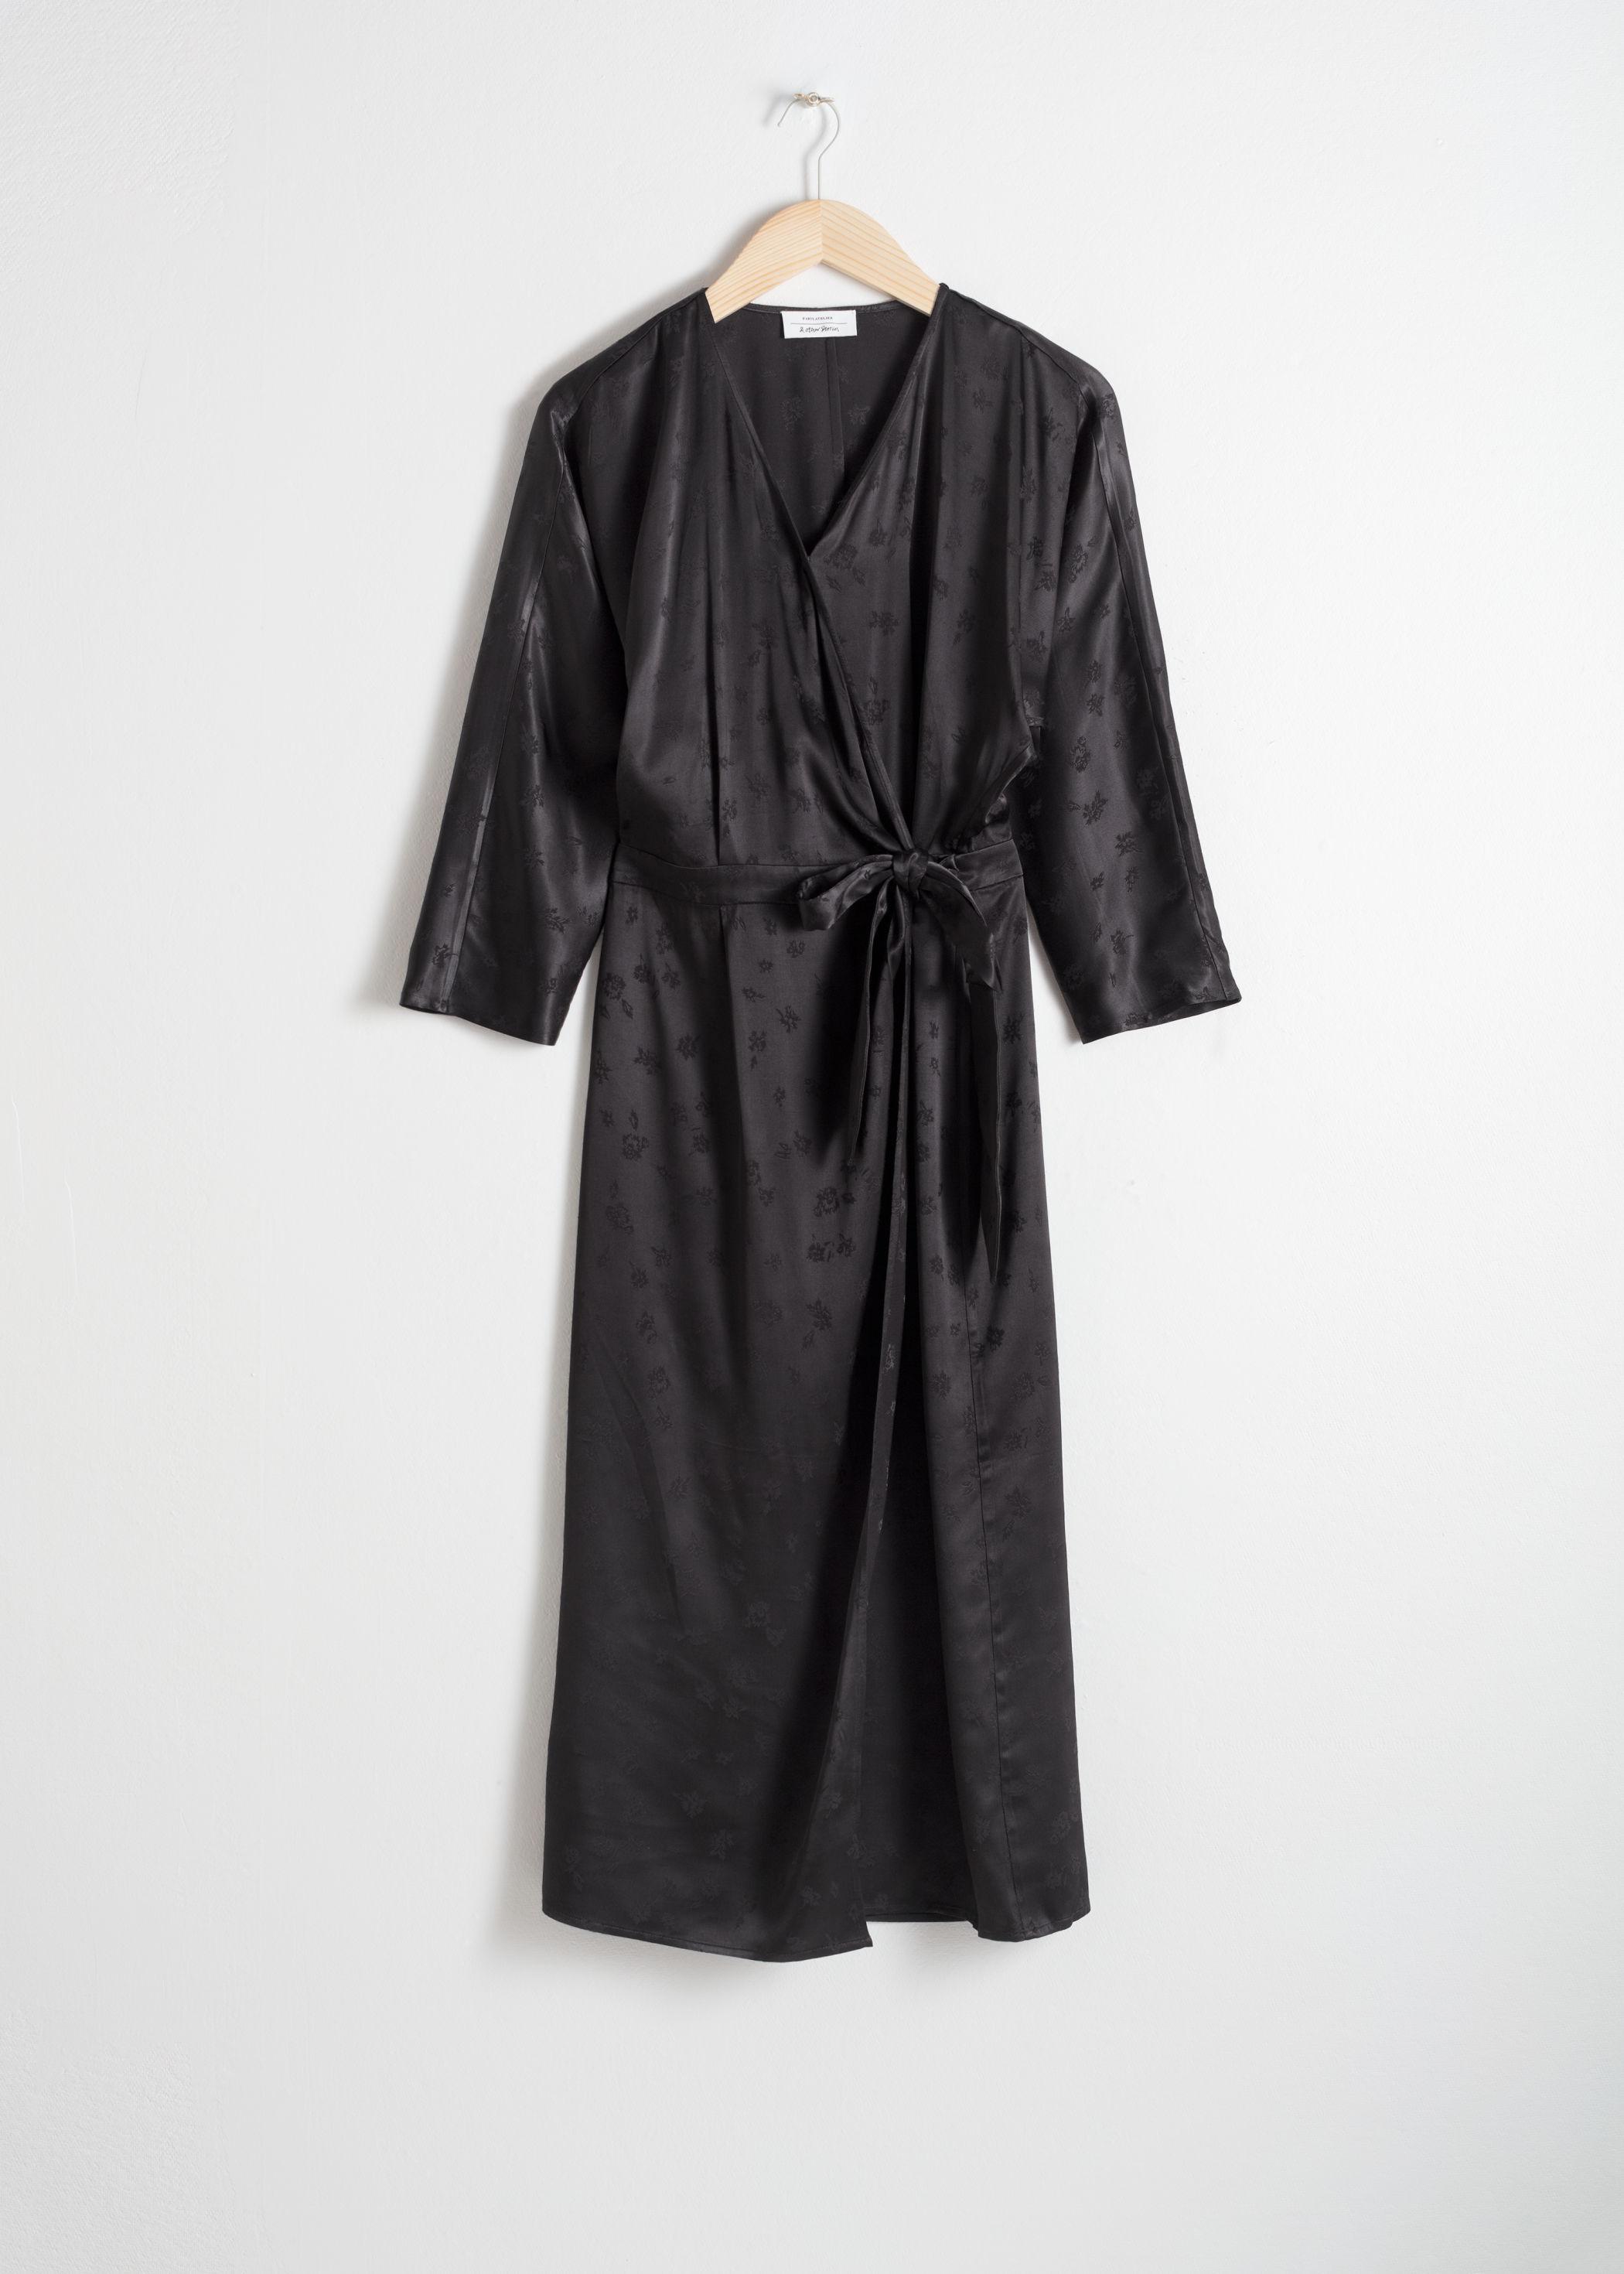 앤 아더 스토리즈 랩 원피스 & OTHER STORIES Satin Jacquard Wrap Dress,Black